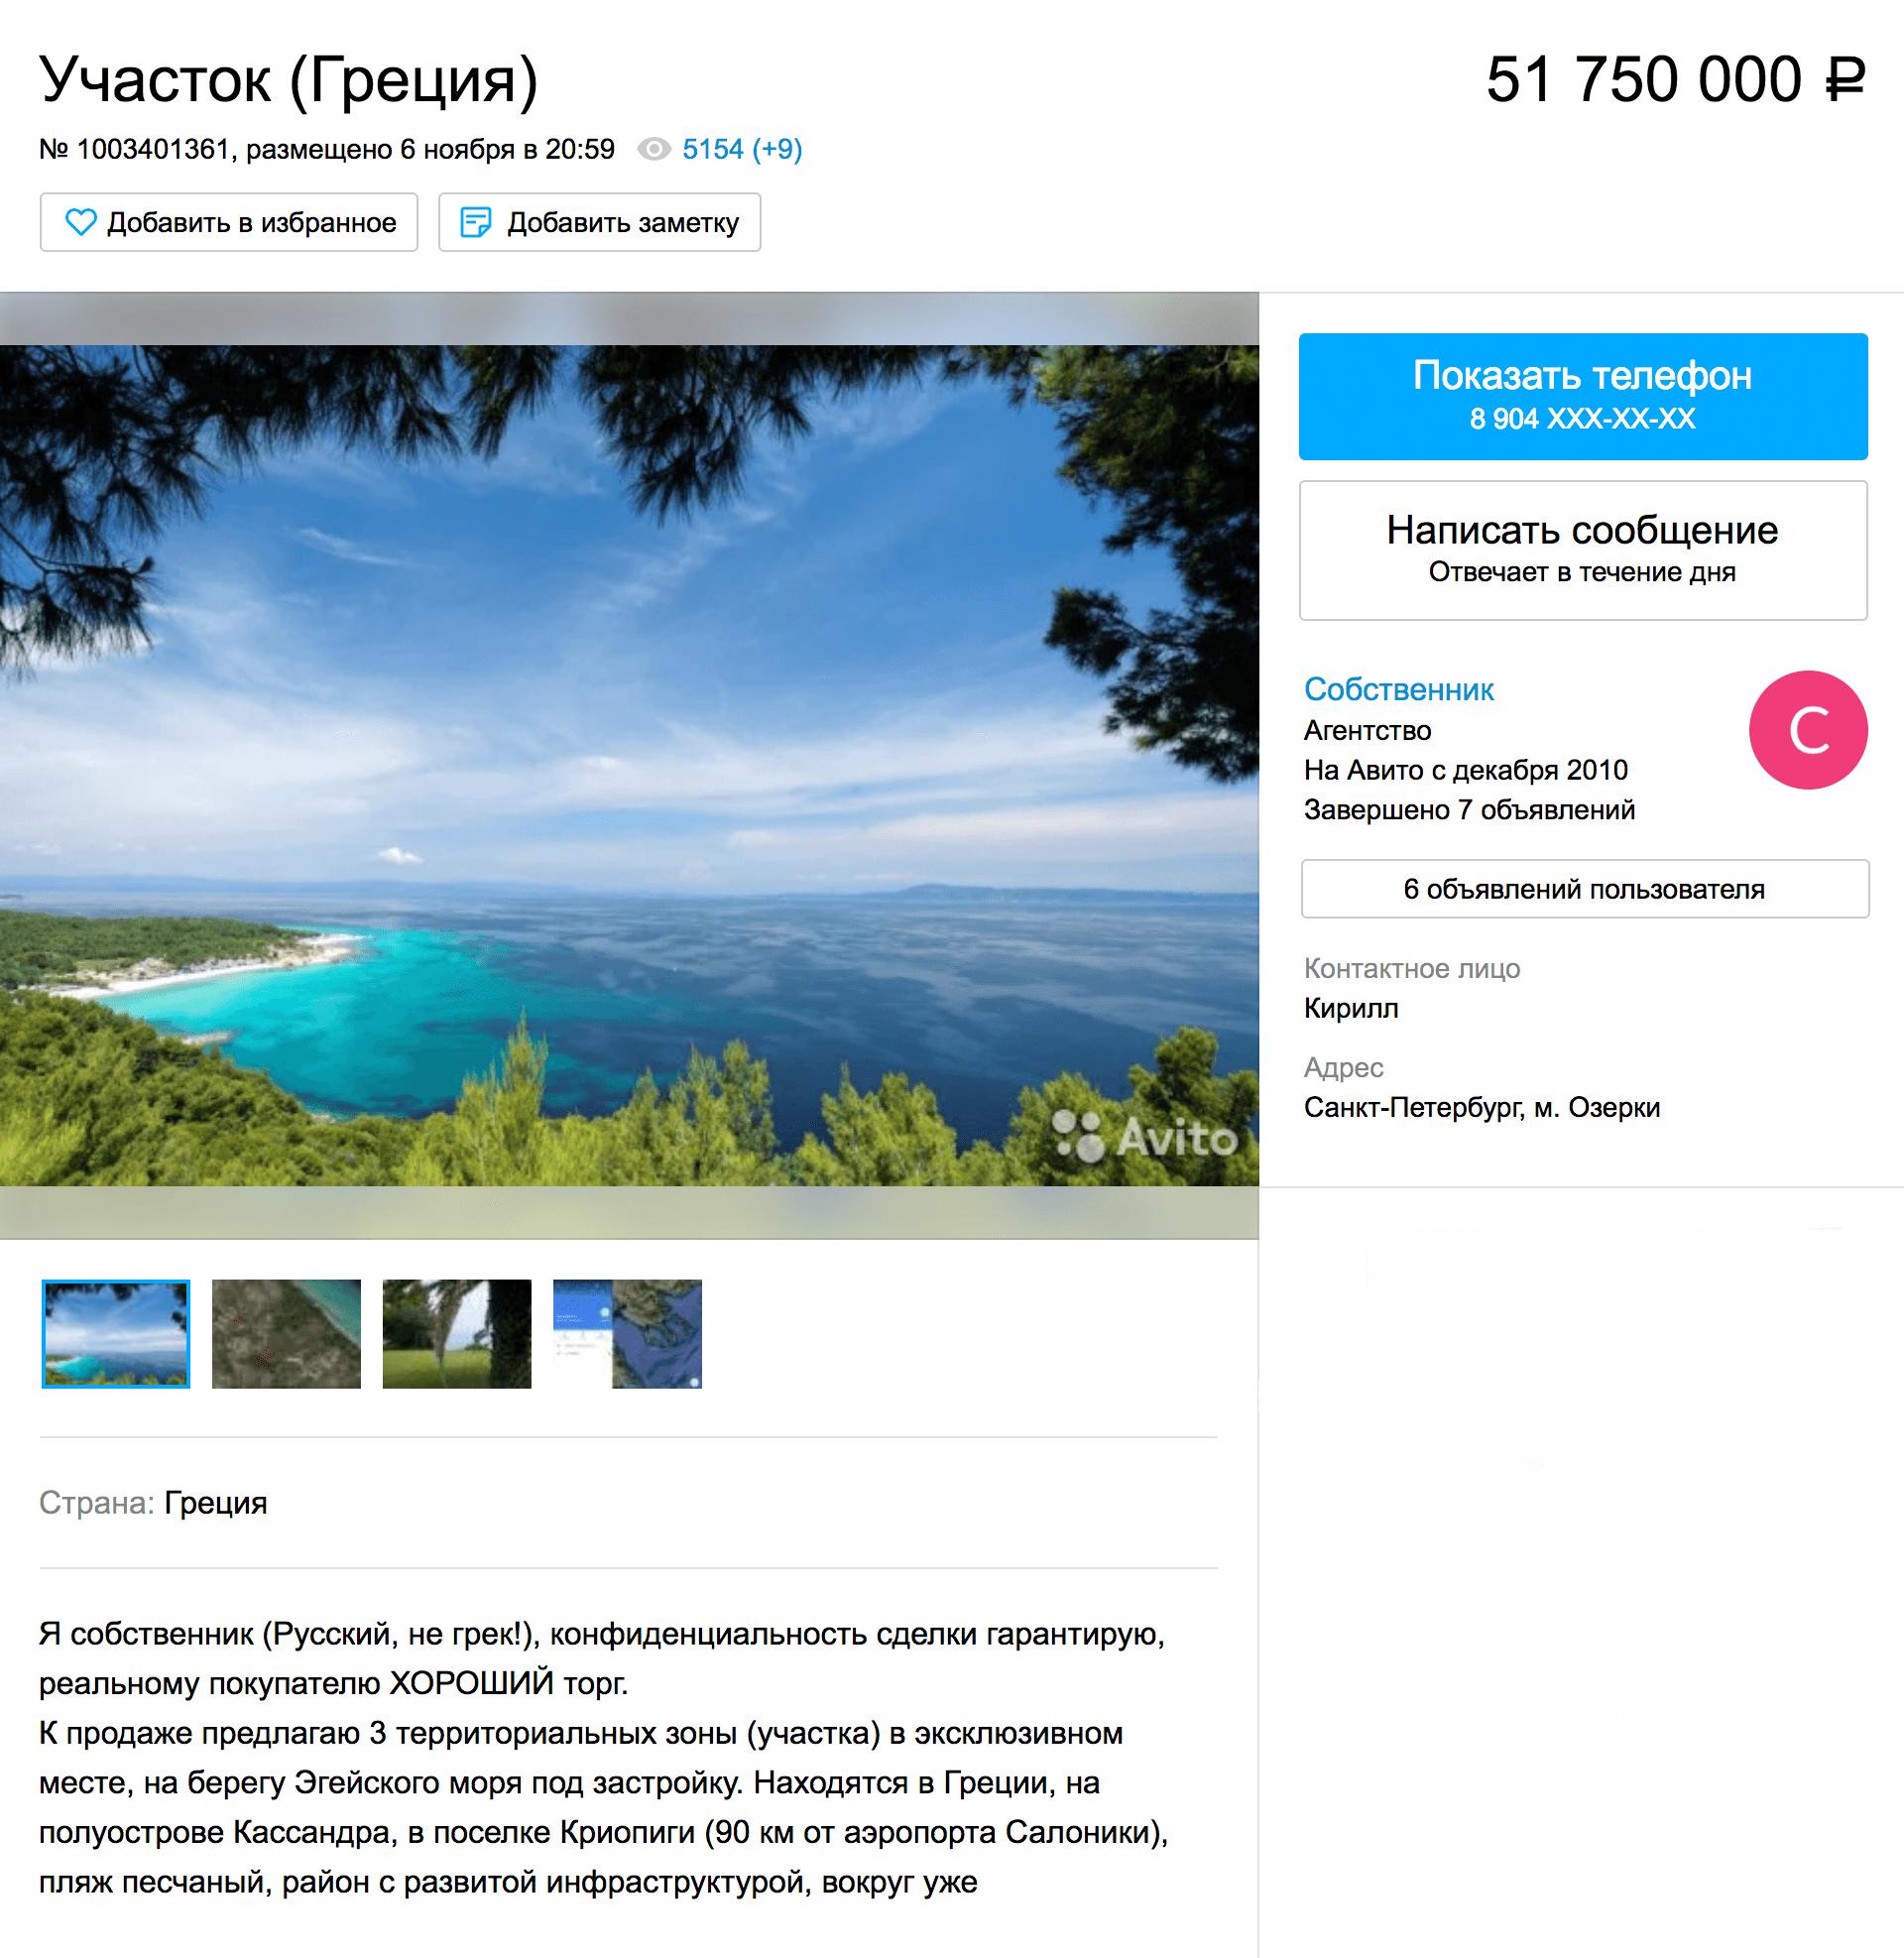 Участок с видом, как из рекламы «Баунти», на берегу Эгейского моря — 51,8 млн рублей. Объявление на «Авито»